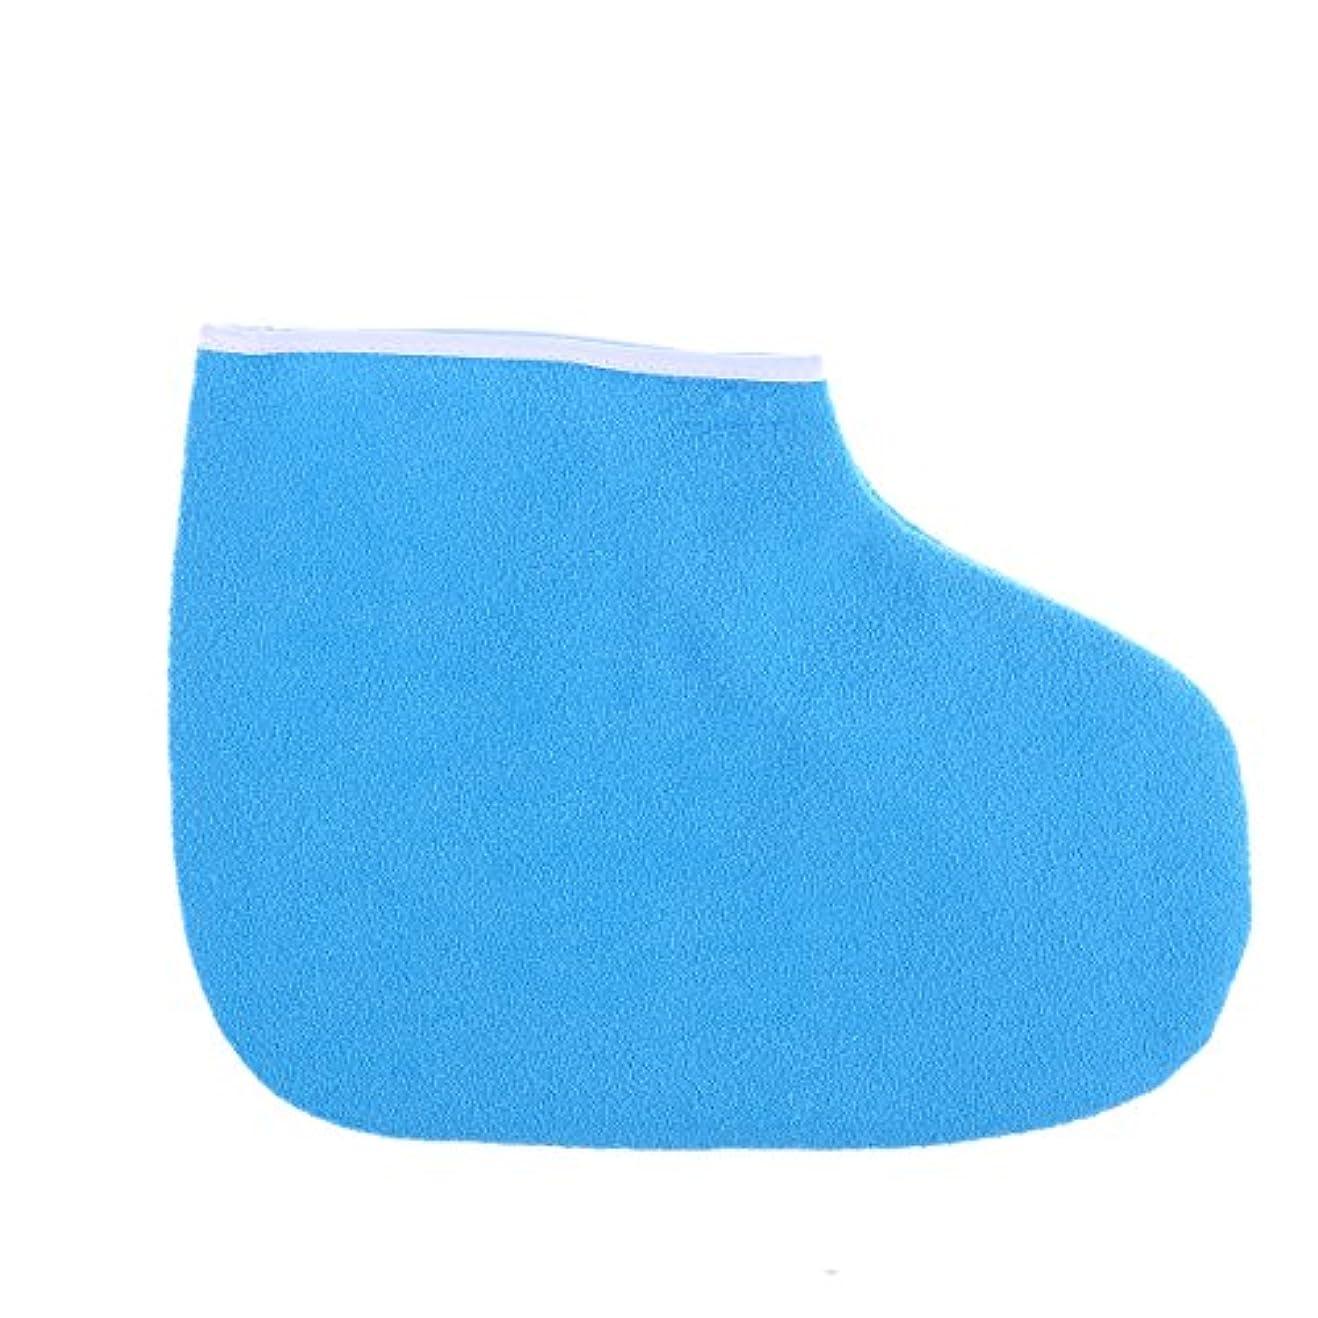 恒久的眉をひそめる密輸Healifty パラフィンワックスブーティーマニキュアペディキュアトリートメントブーツ(ブルー)